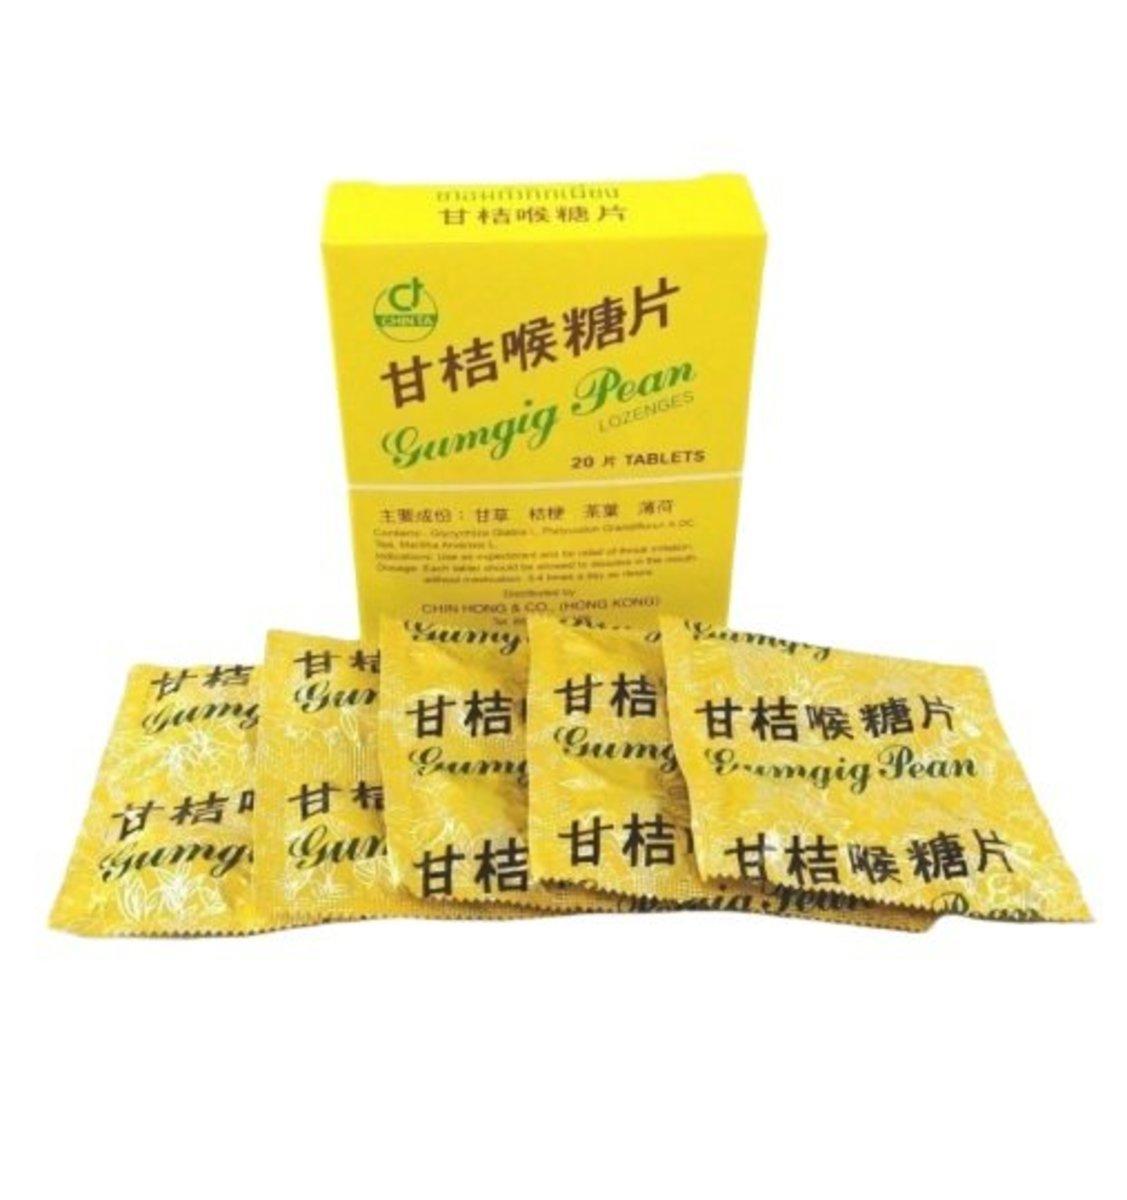 甘桔喉糖片20片(泰國直送)